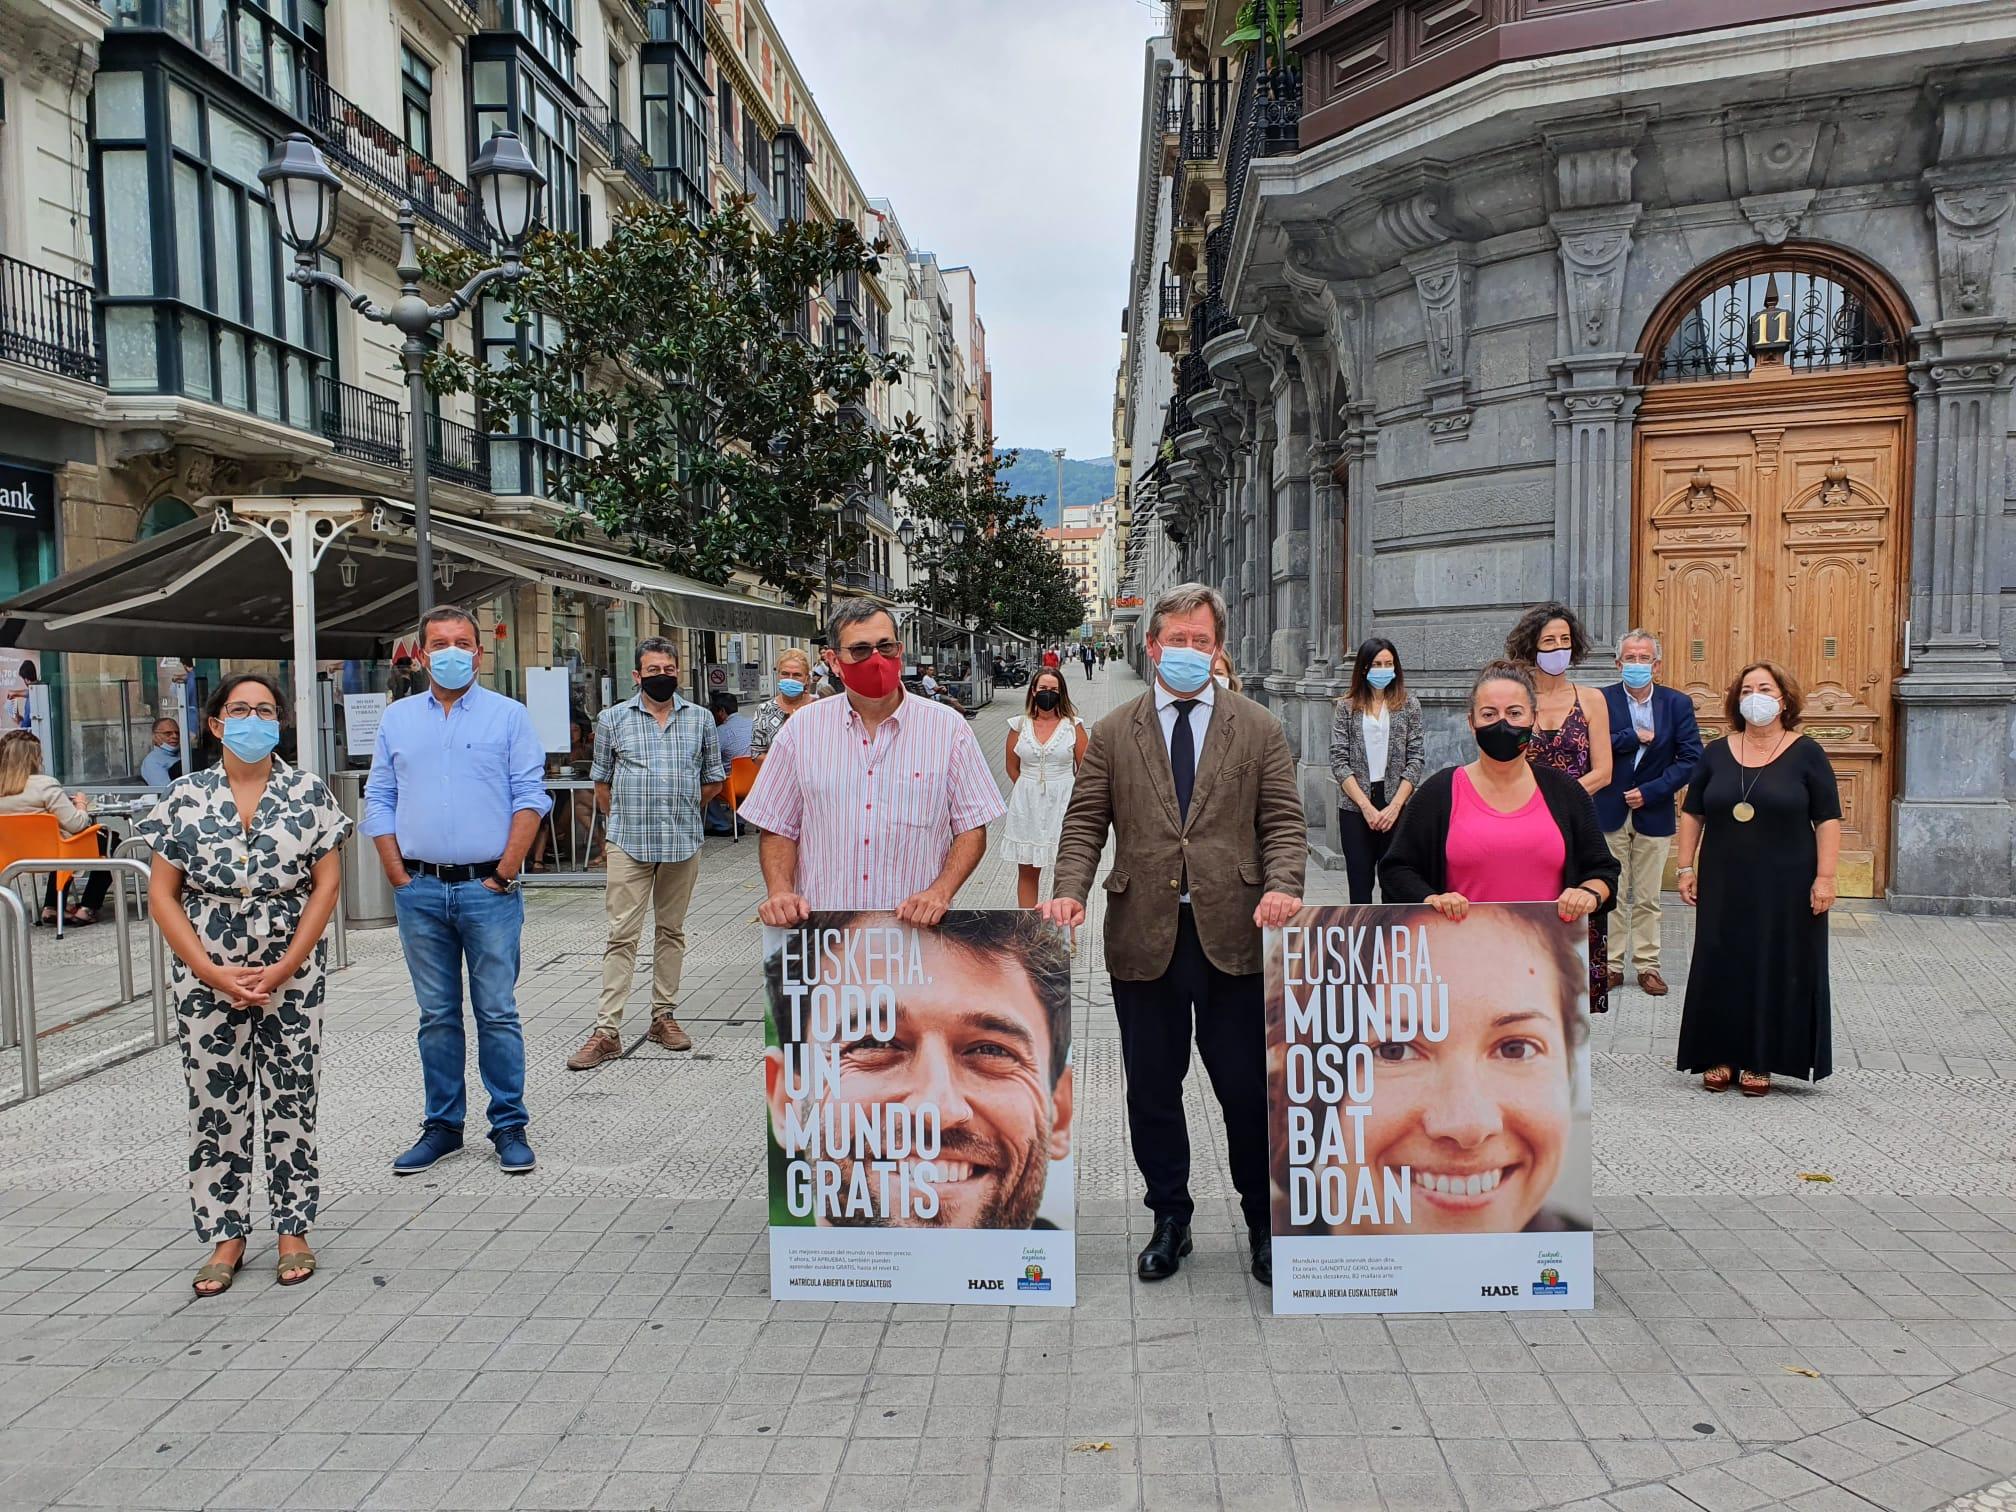 El Gobierno Vasco aumenta un 16% la financiación de euskaltegis privados en el curso 2021-2022 [23:40]